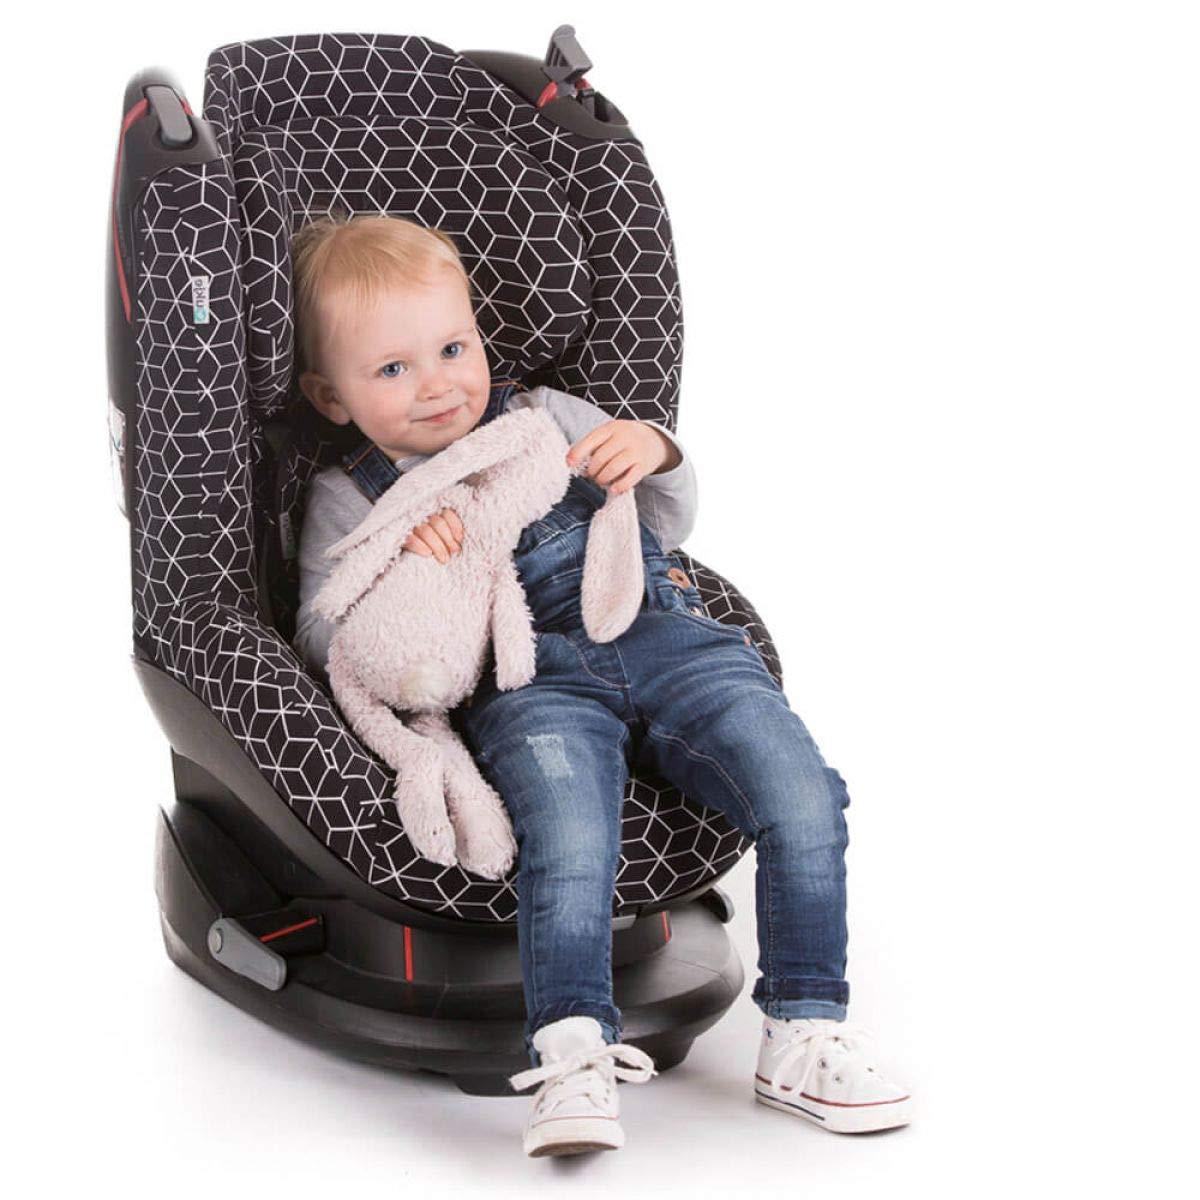 Bezug Maxi-Cosi AxissFIX Kindersitz Schwarz einfarbig Schwei/ßabsorbierend und weich f/ür Ihr Kind Sch/ützt vor Verschlei/ß und Abnutzung /Öko-Tex 100 Baumwolle